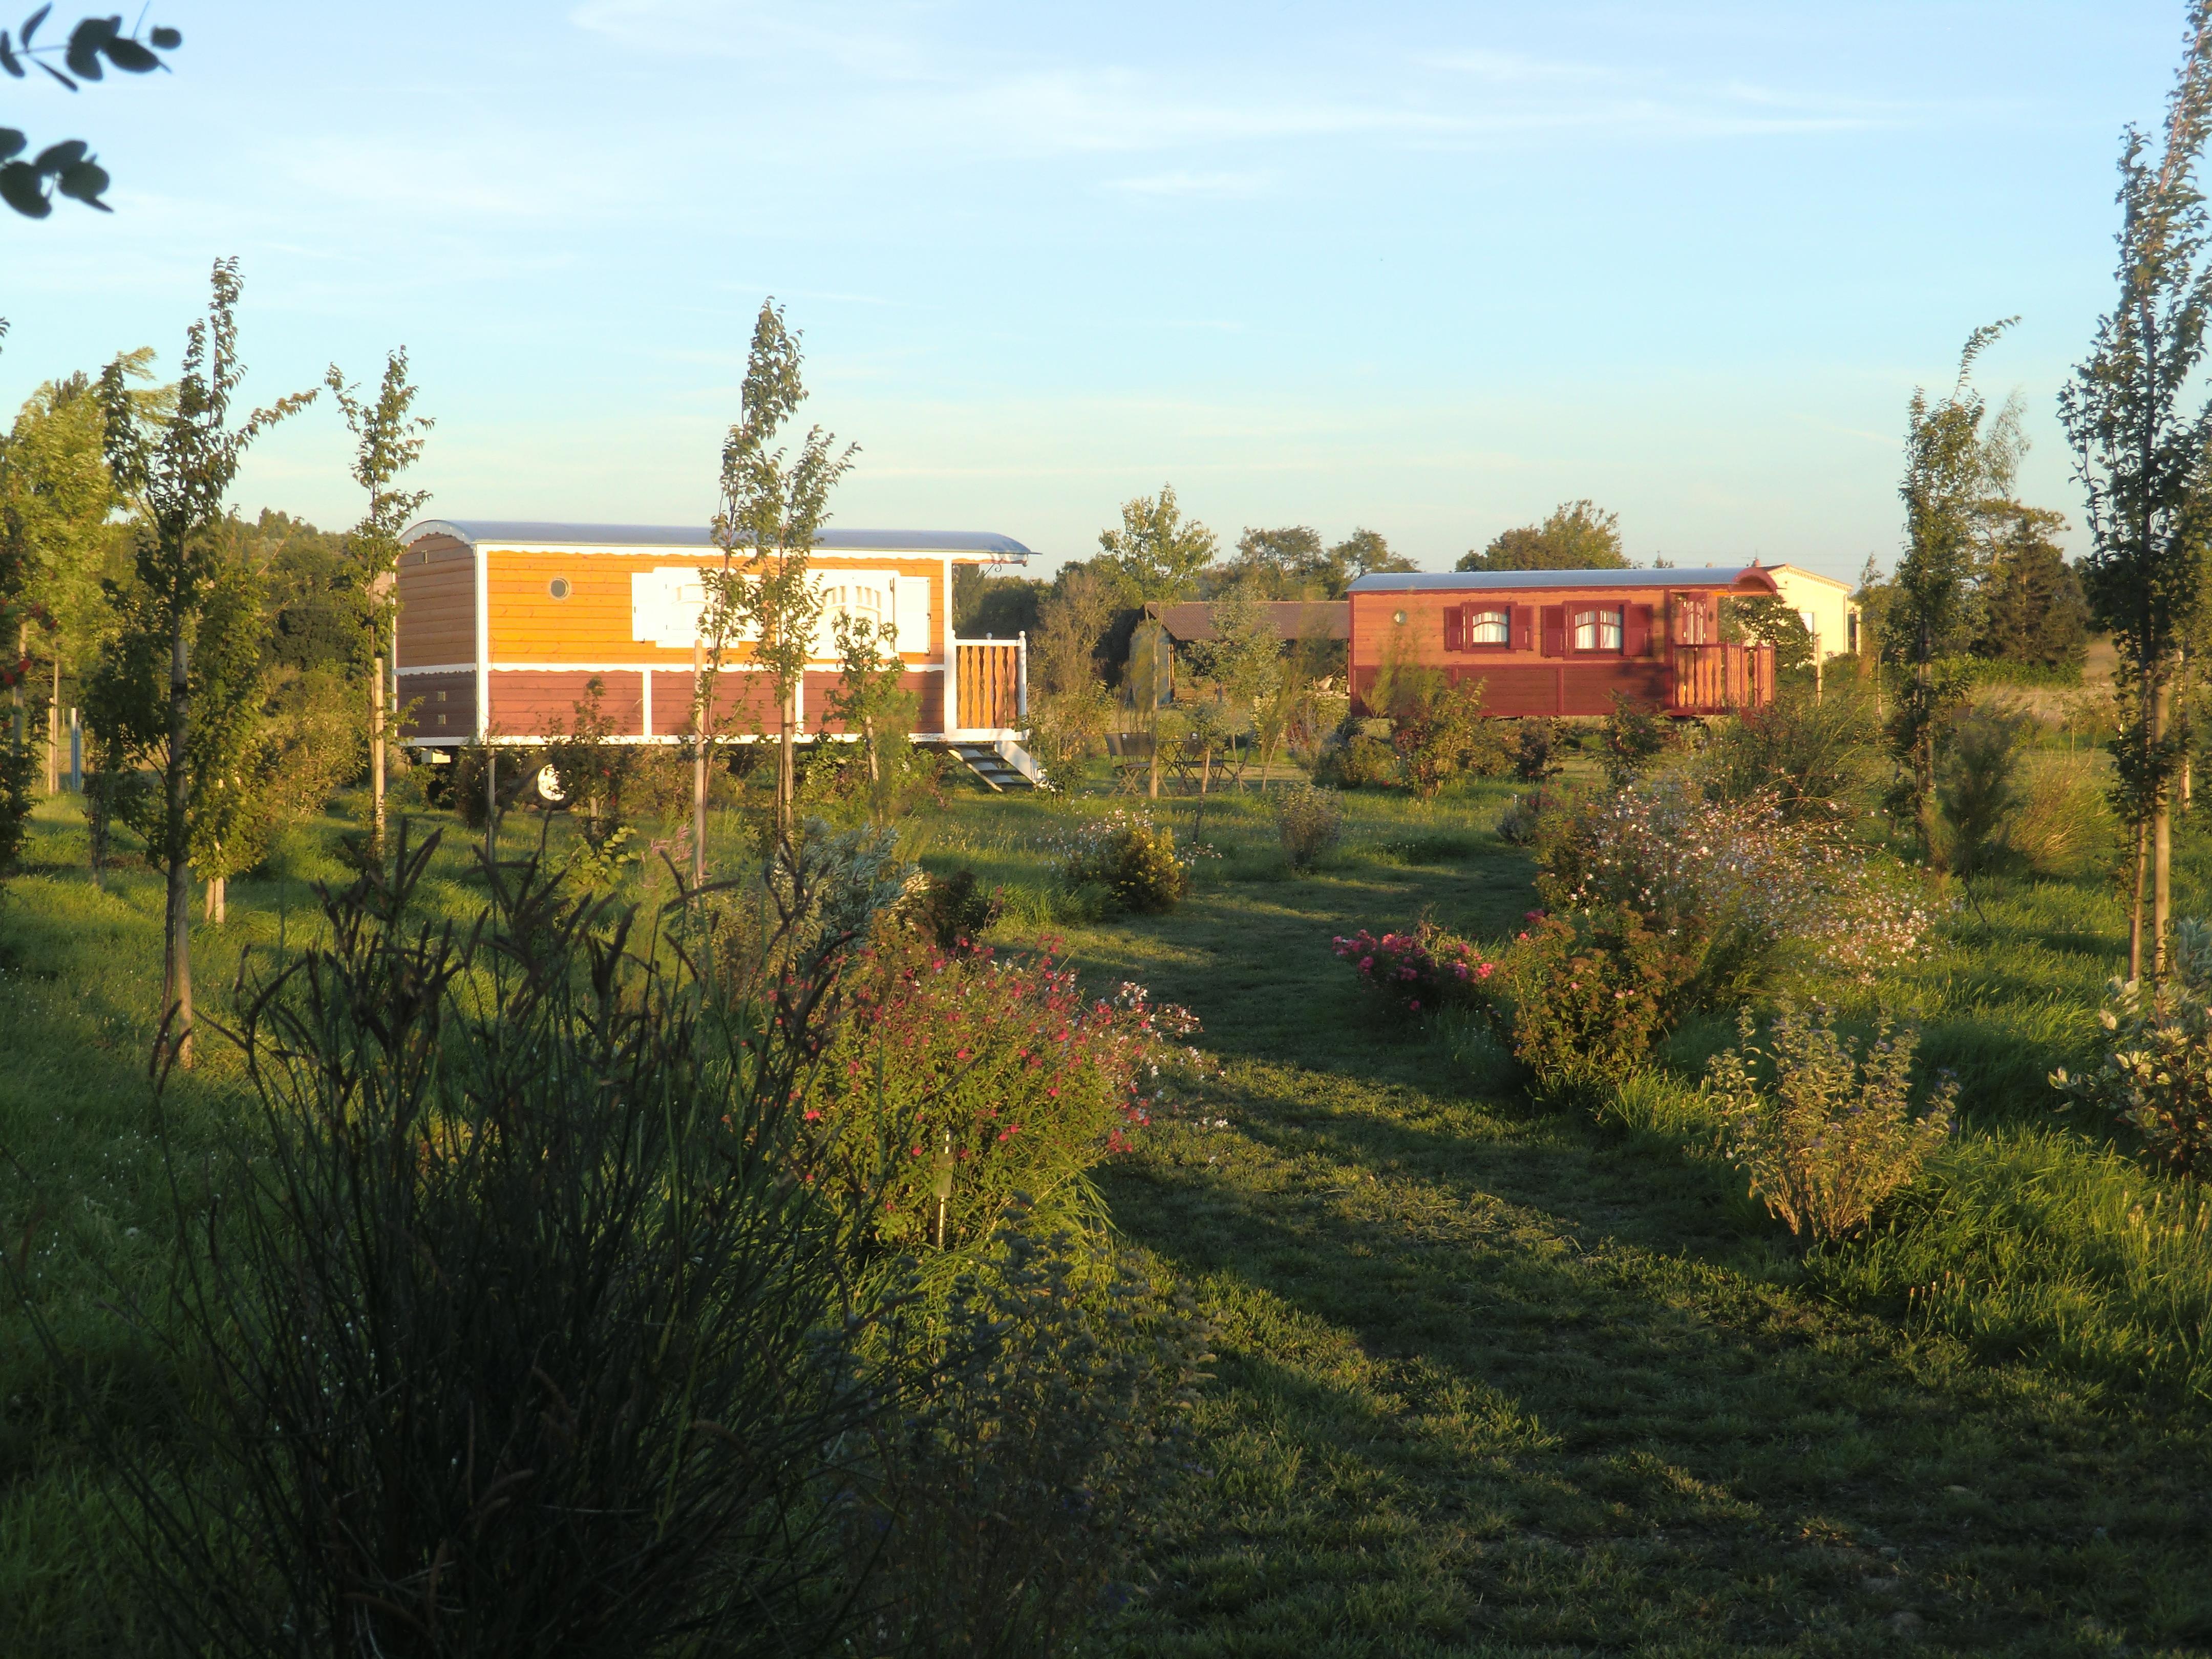 Camping Ferme de l'Autruche Drômoise, Livron-sur-Drôme, Drôme